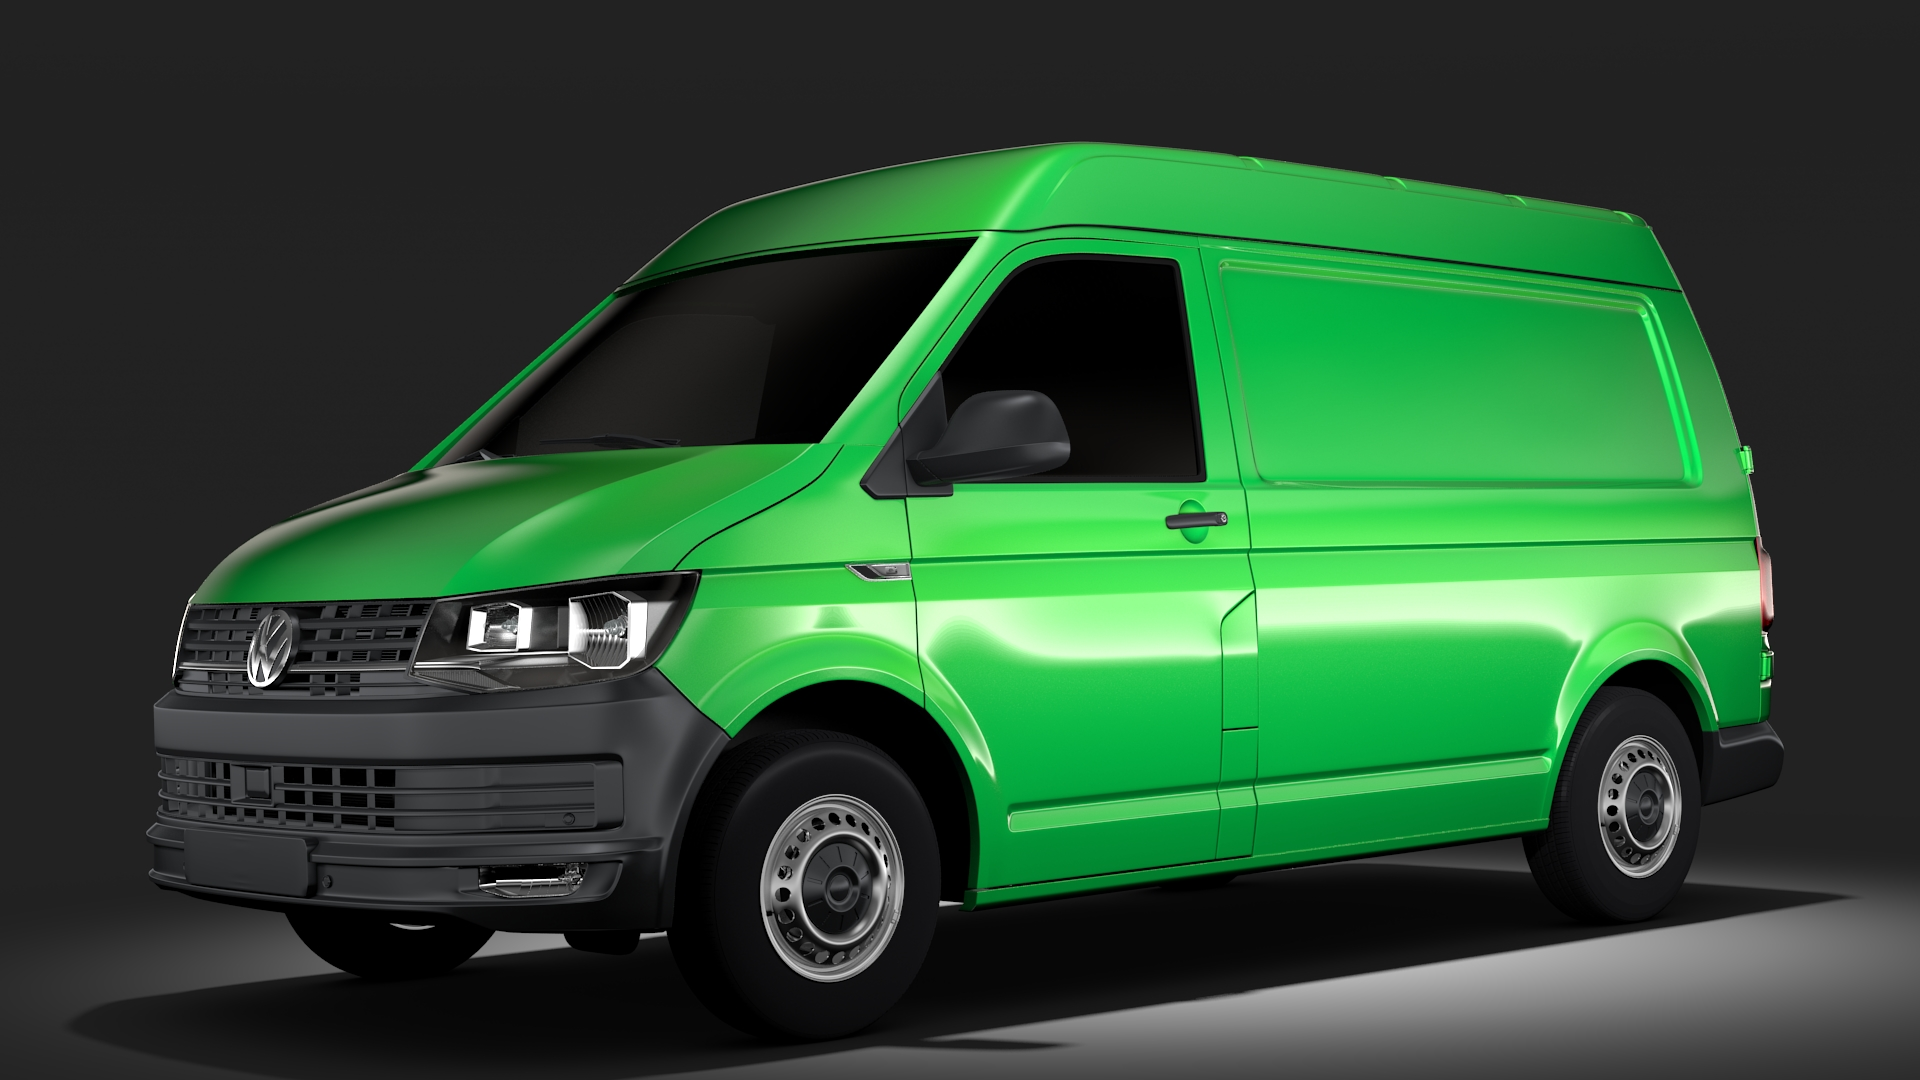 volkswagen transporter van l1h2 t6 2017 3d model max fbx c4d lwo ma mb hrc xsi obj 275147